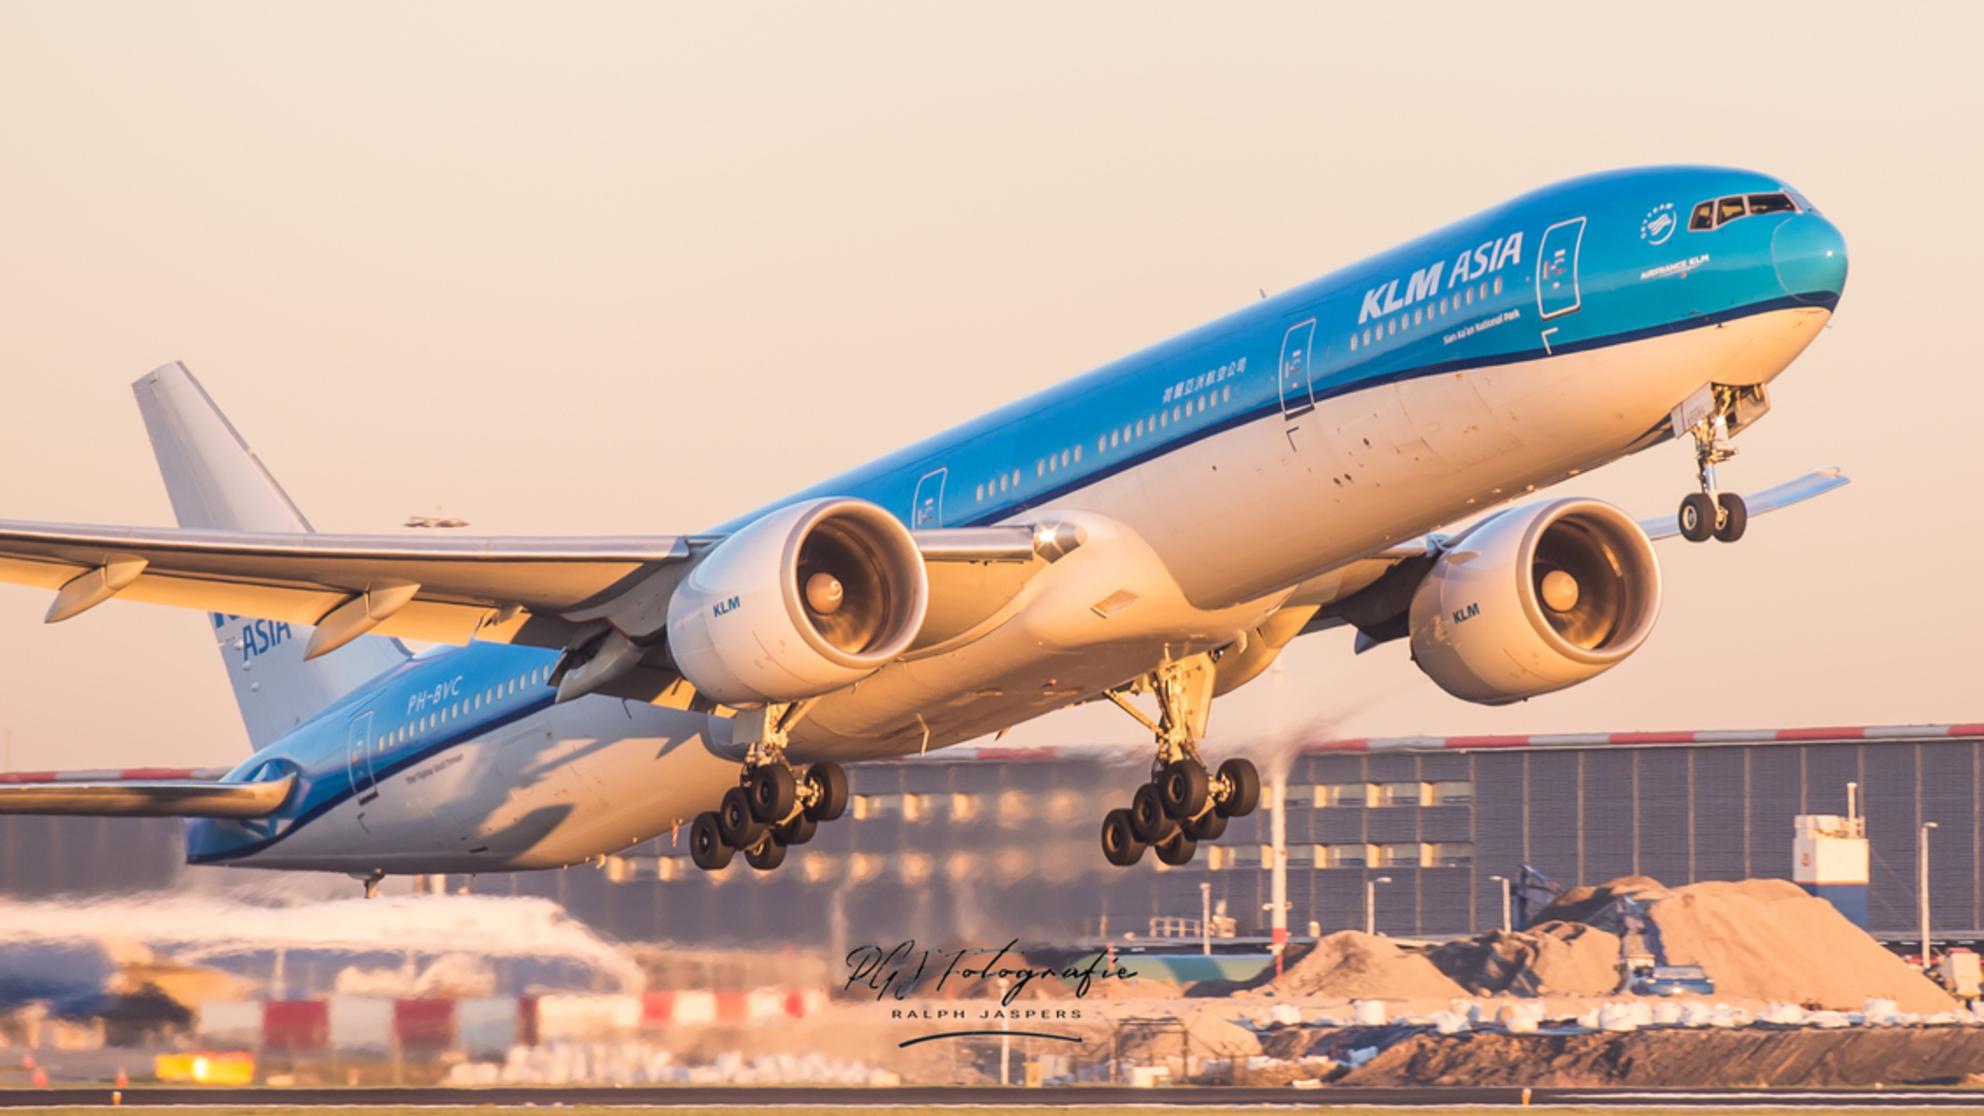 Full Power - Takeoff van kaagbaan met zonsondergang - foto door RGJ-fotografie op 22-02-2019 - deze foto bevat: zon, sunset, groot, zonsondergang, vliegen, reizen, vliegtuig, vliegveld, schiphol, boeing, kaagbaan, takeoff, 777 - Deze foto mag gebruikt worden in een Zoom.nl publicatie